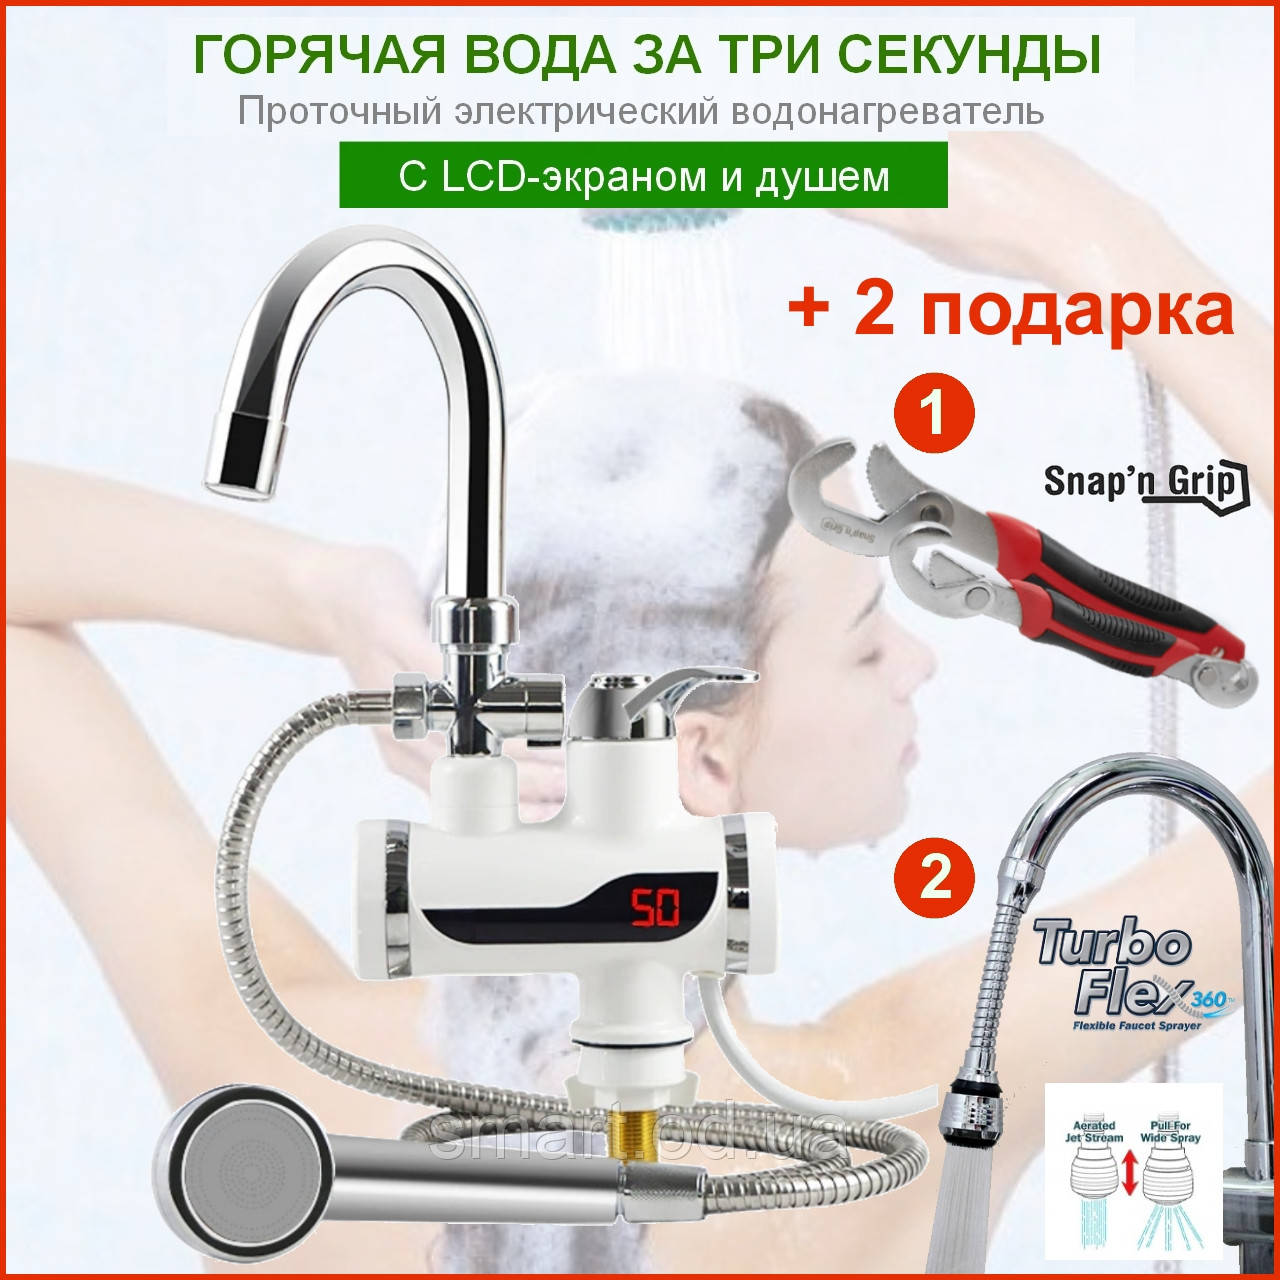 Проточный водонагреватель Delimano, экран, душ, нижнее, боковое подключение, бойлер в стиле Делимано Нижнее подключение